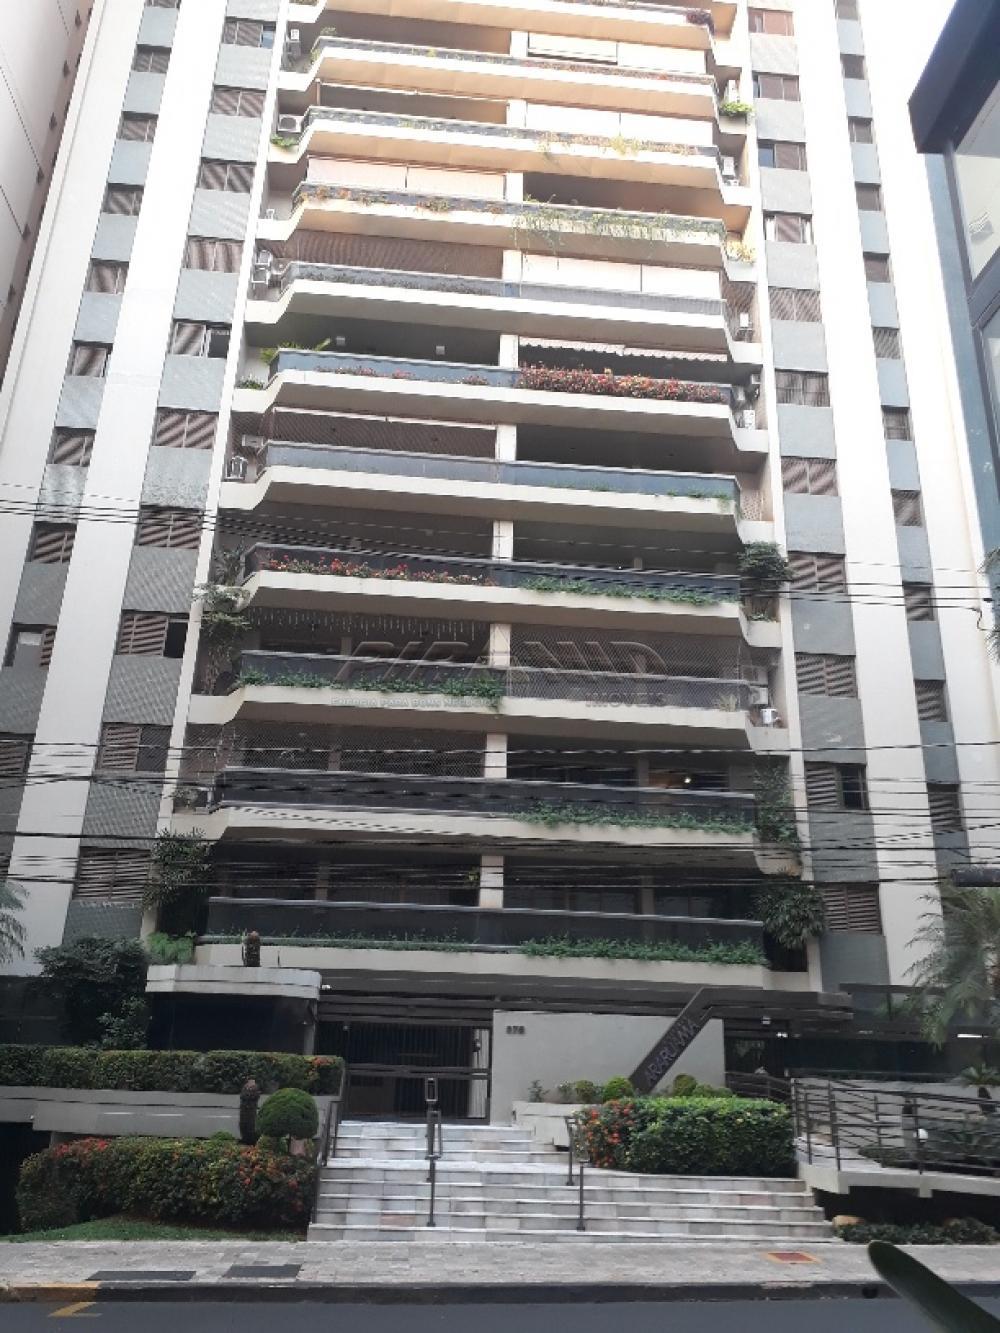 Comprar Apartamento / Padrão em Ribeirão Preto apenas R$ 680.000,00 - Foto 29